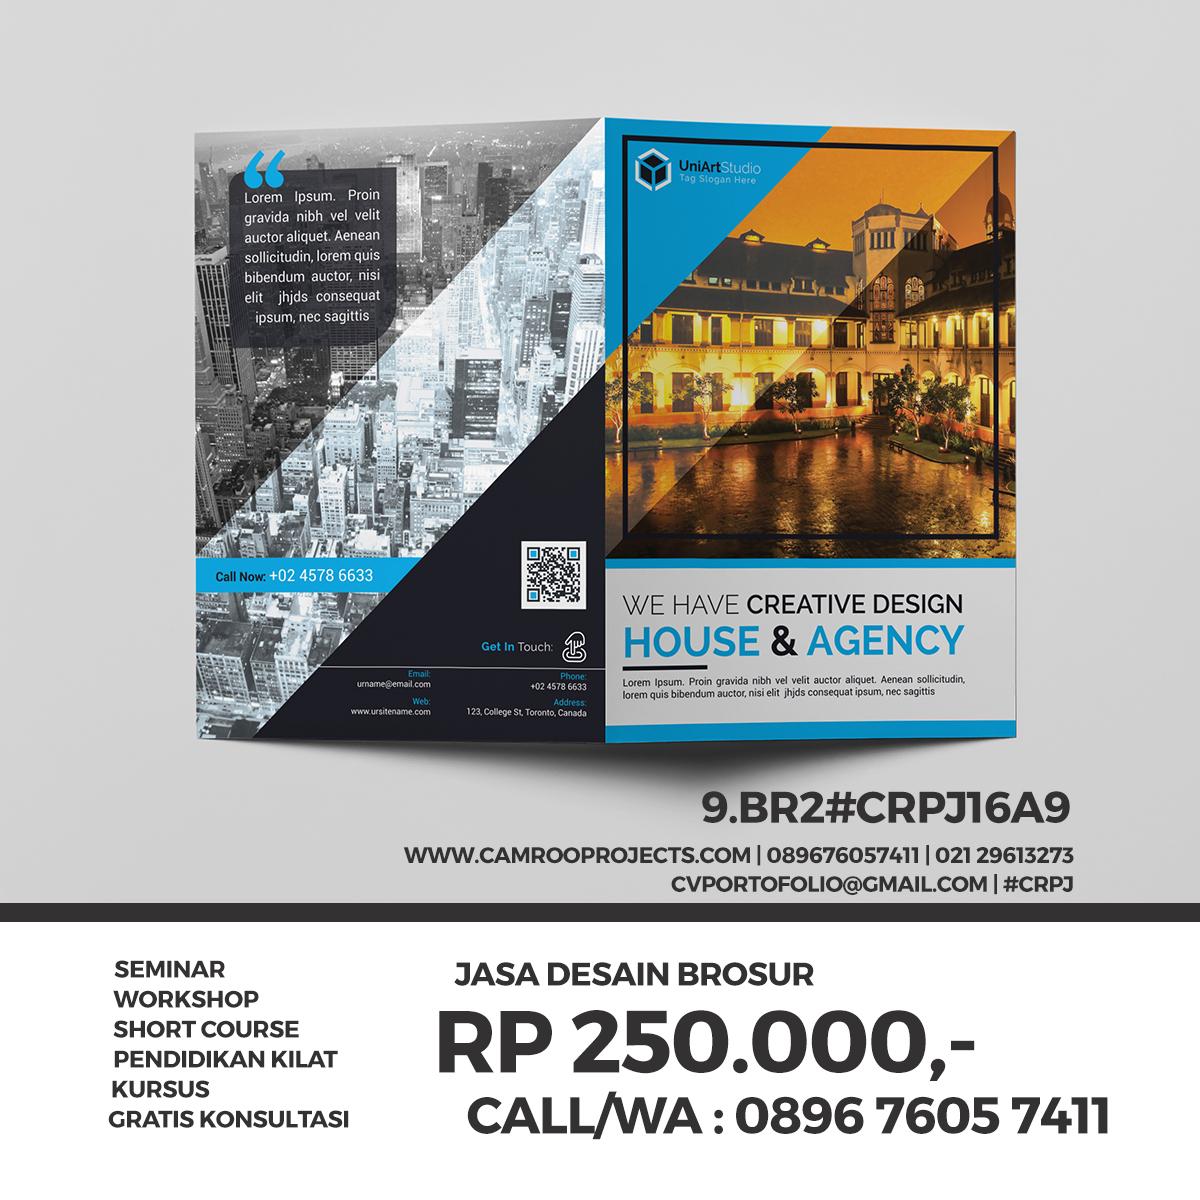 Harga Jasa Pembuatan Grafis professional di Bekasi